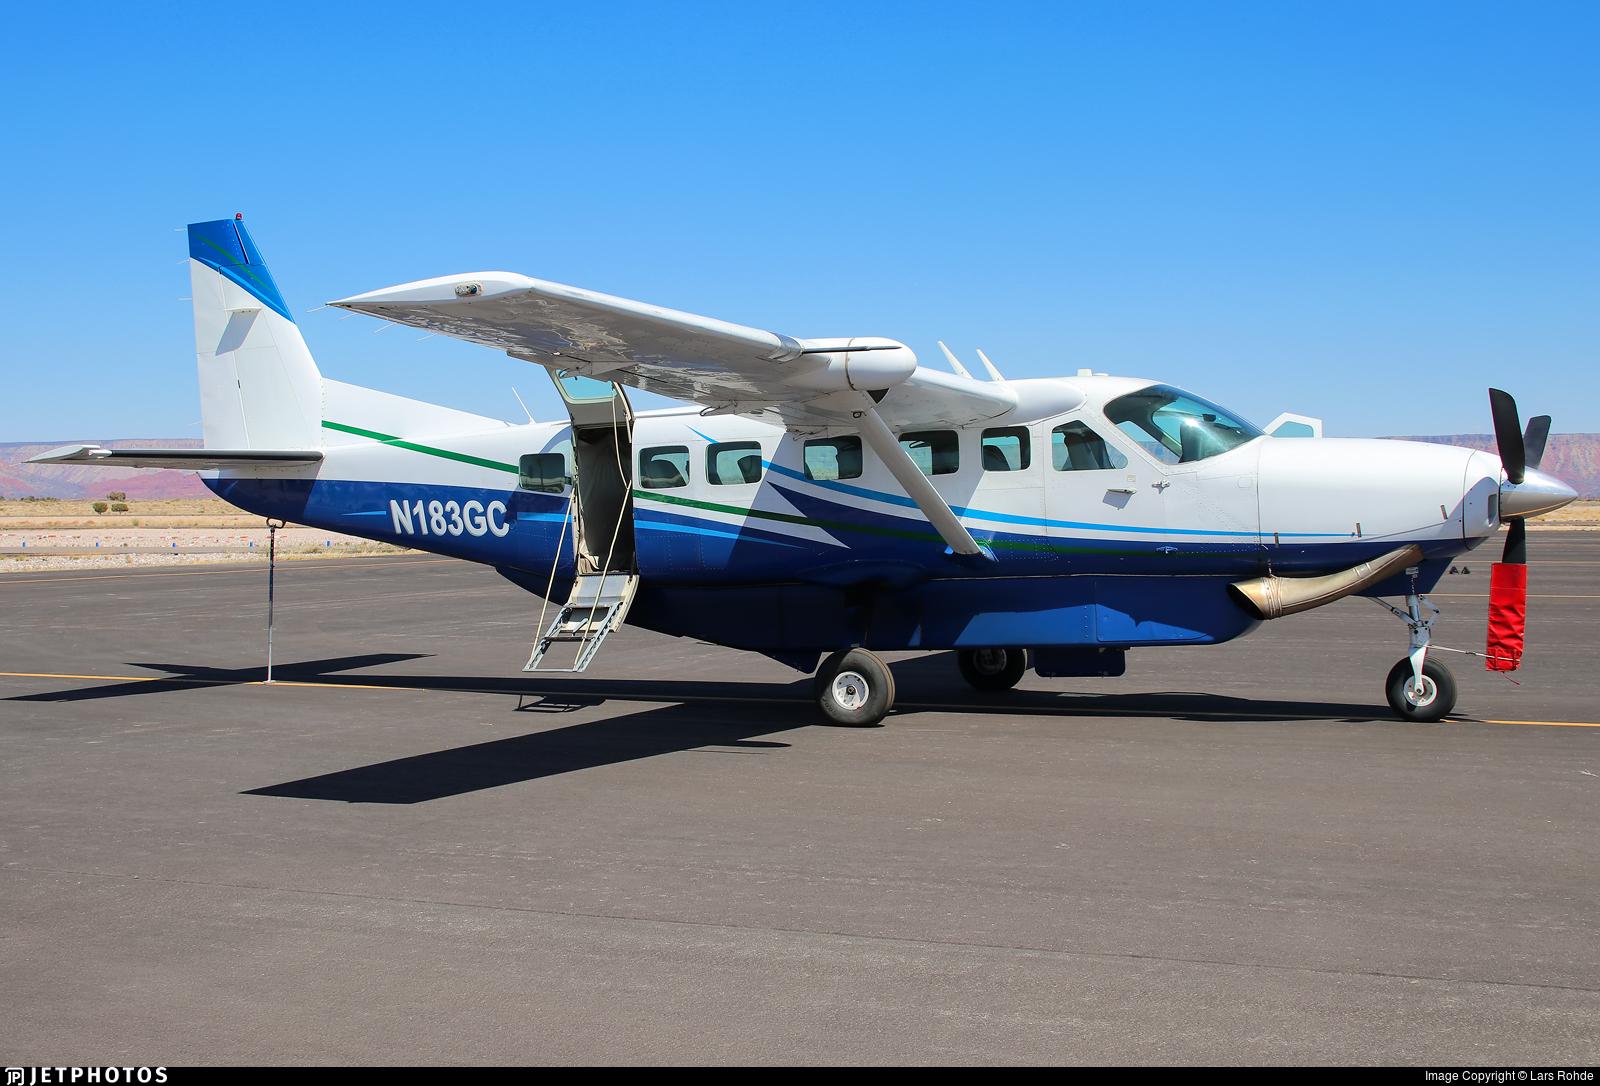 N183GC - Cessna 208B Grand Caravan - Grand Canyon Airlines